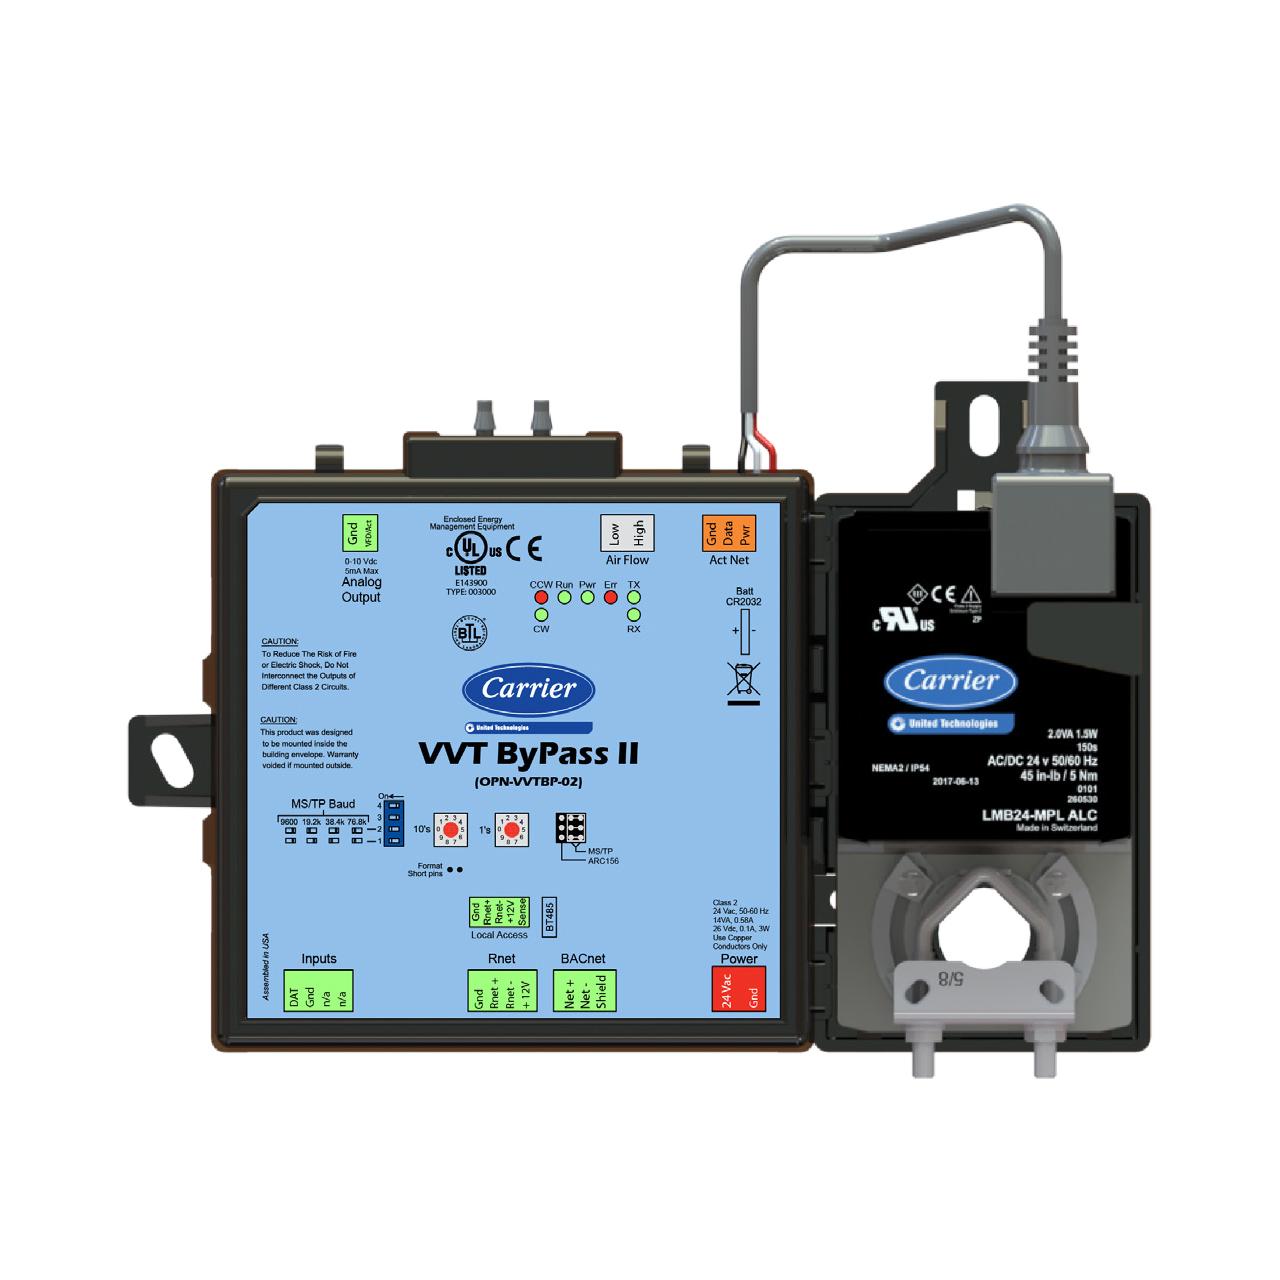 carrier-OPN-VVTBP-02-ivu-vvt-bypass-ii-controller